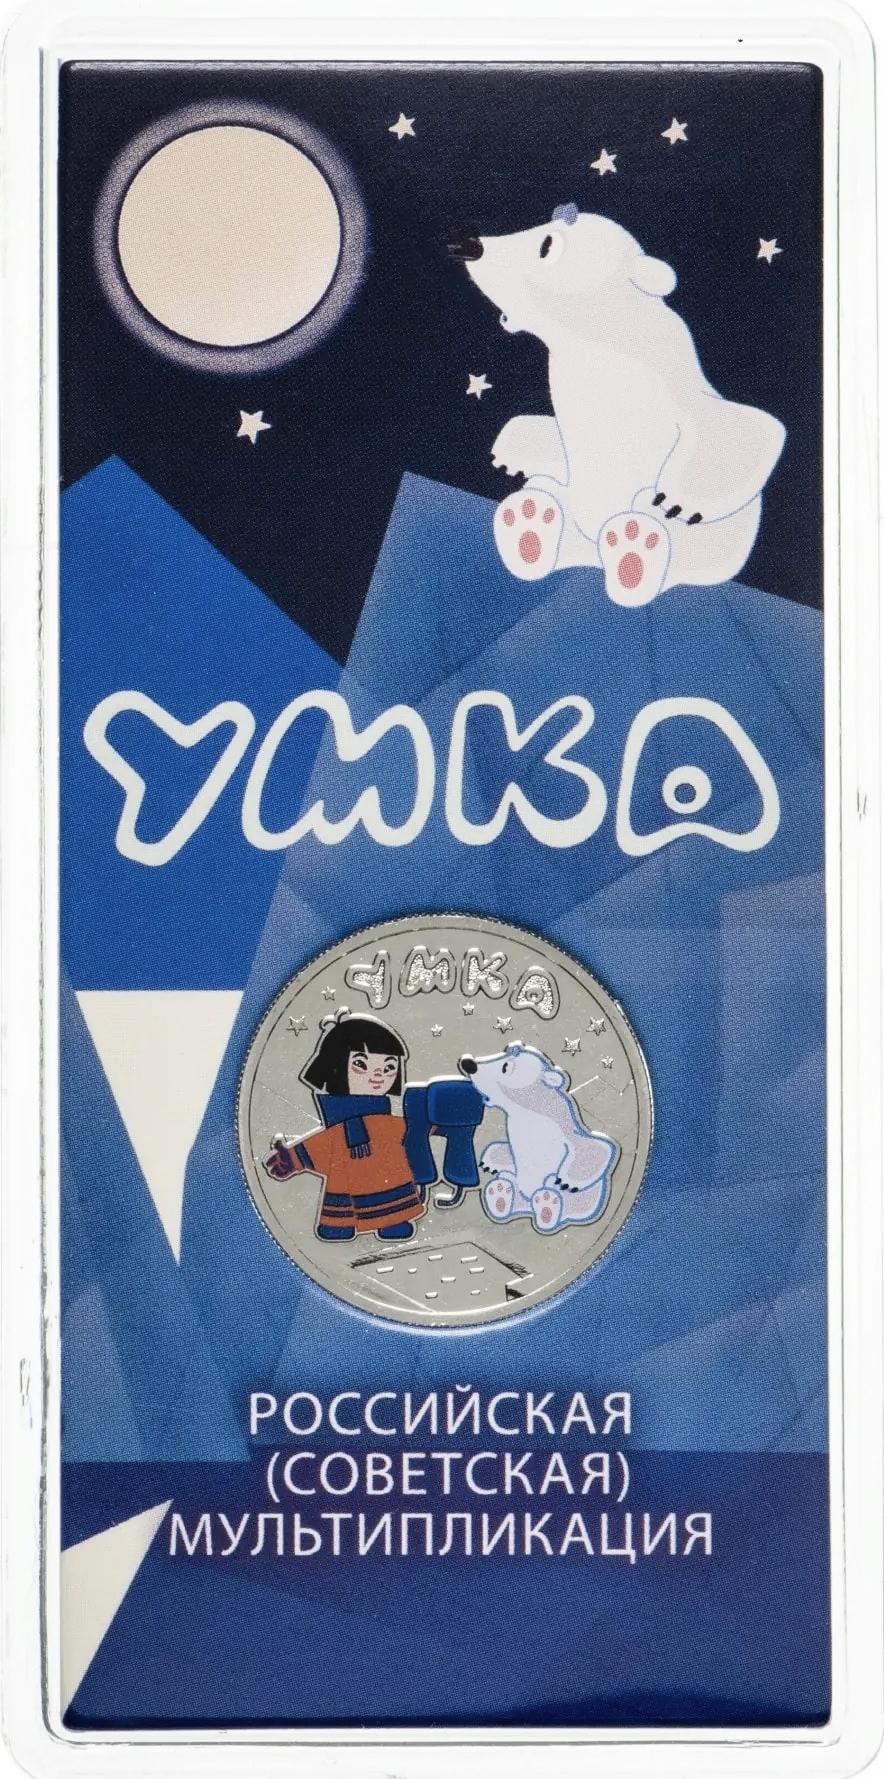 25 рублей 2021 мультфильм «Умка» (в цветном исполнении)